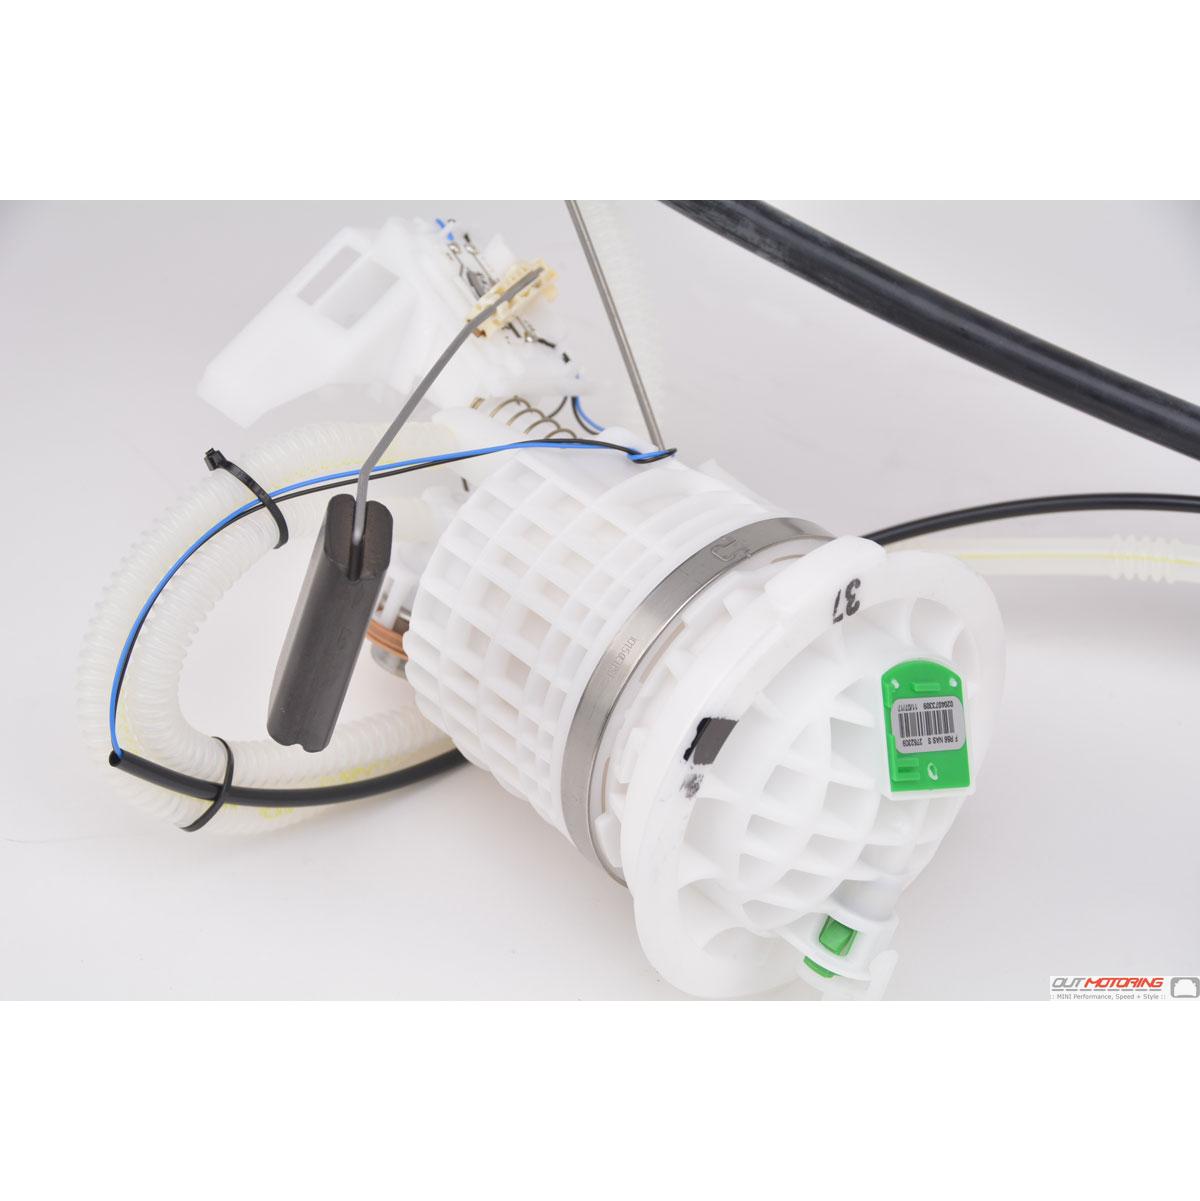 16112755084 mini cooper fuel filter w fuel level sensor. Black Bedroom Furniture Sets. Home Design Ideas